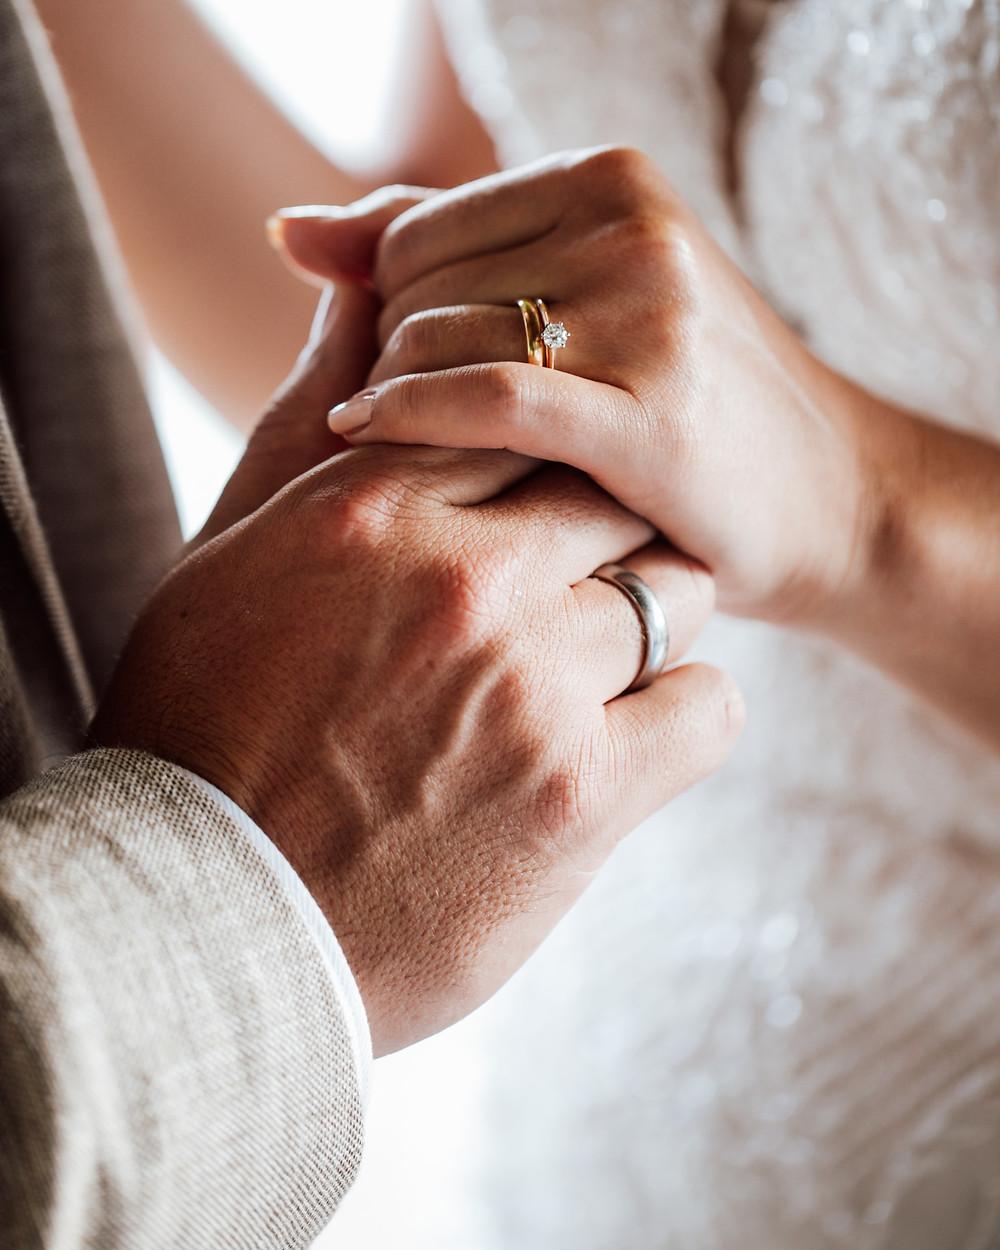 Kuvassa hääpuvussa oleva nainen ja puvussa oleva mies pitävät toisiaan kädestä. Kaunis kultainen timanttisormus ja miehen hopeinen sormus etualalla.